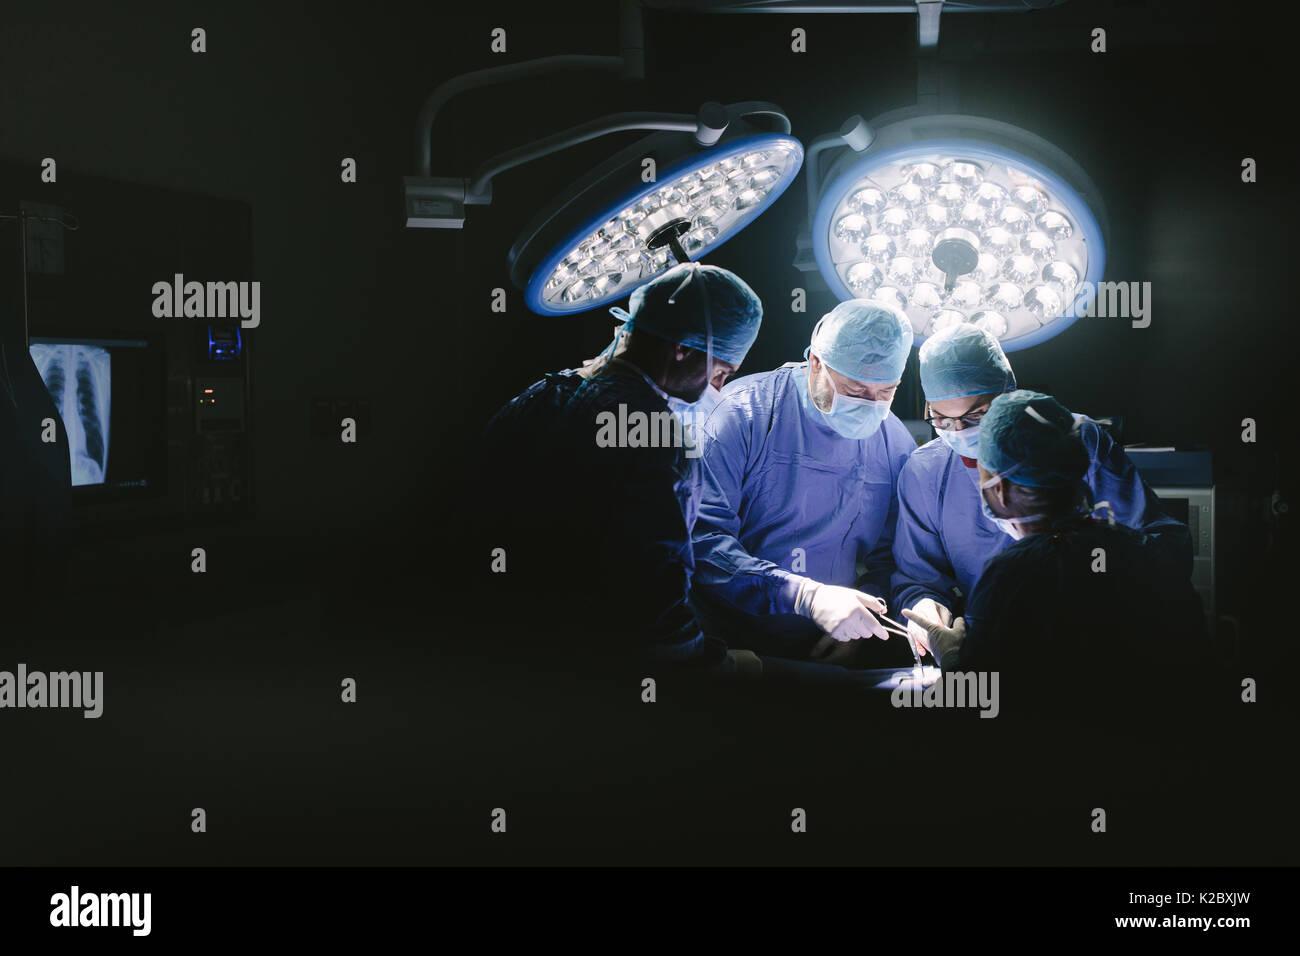 Medizinisches Team Chirurgie durchführen. Gruppe von Chirurgen im Krankenhaus operation Theater. Stockbild